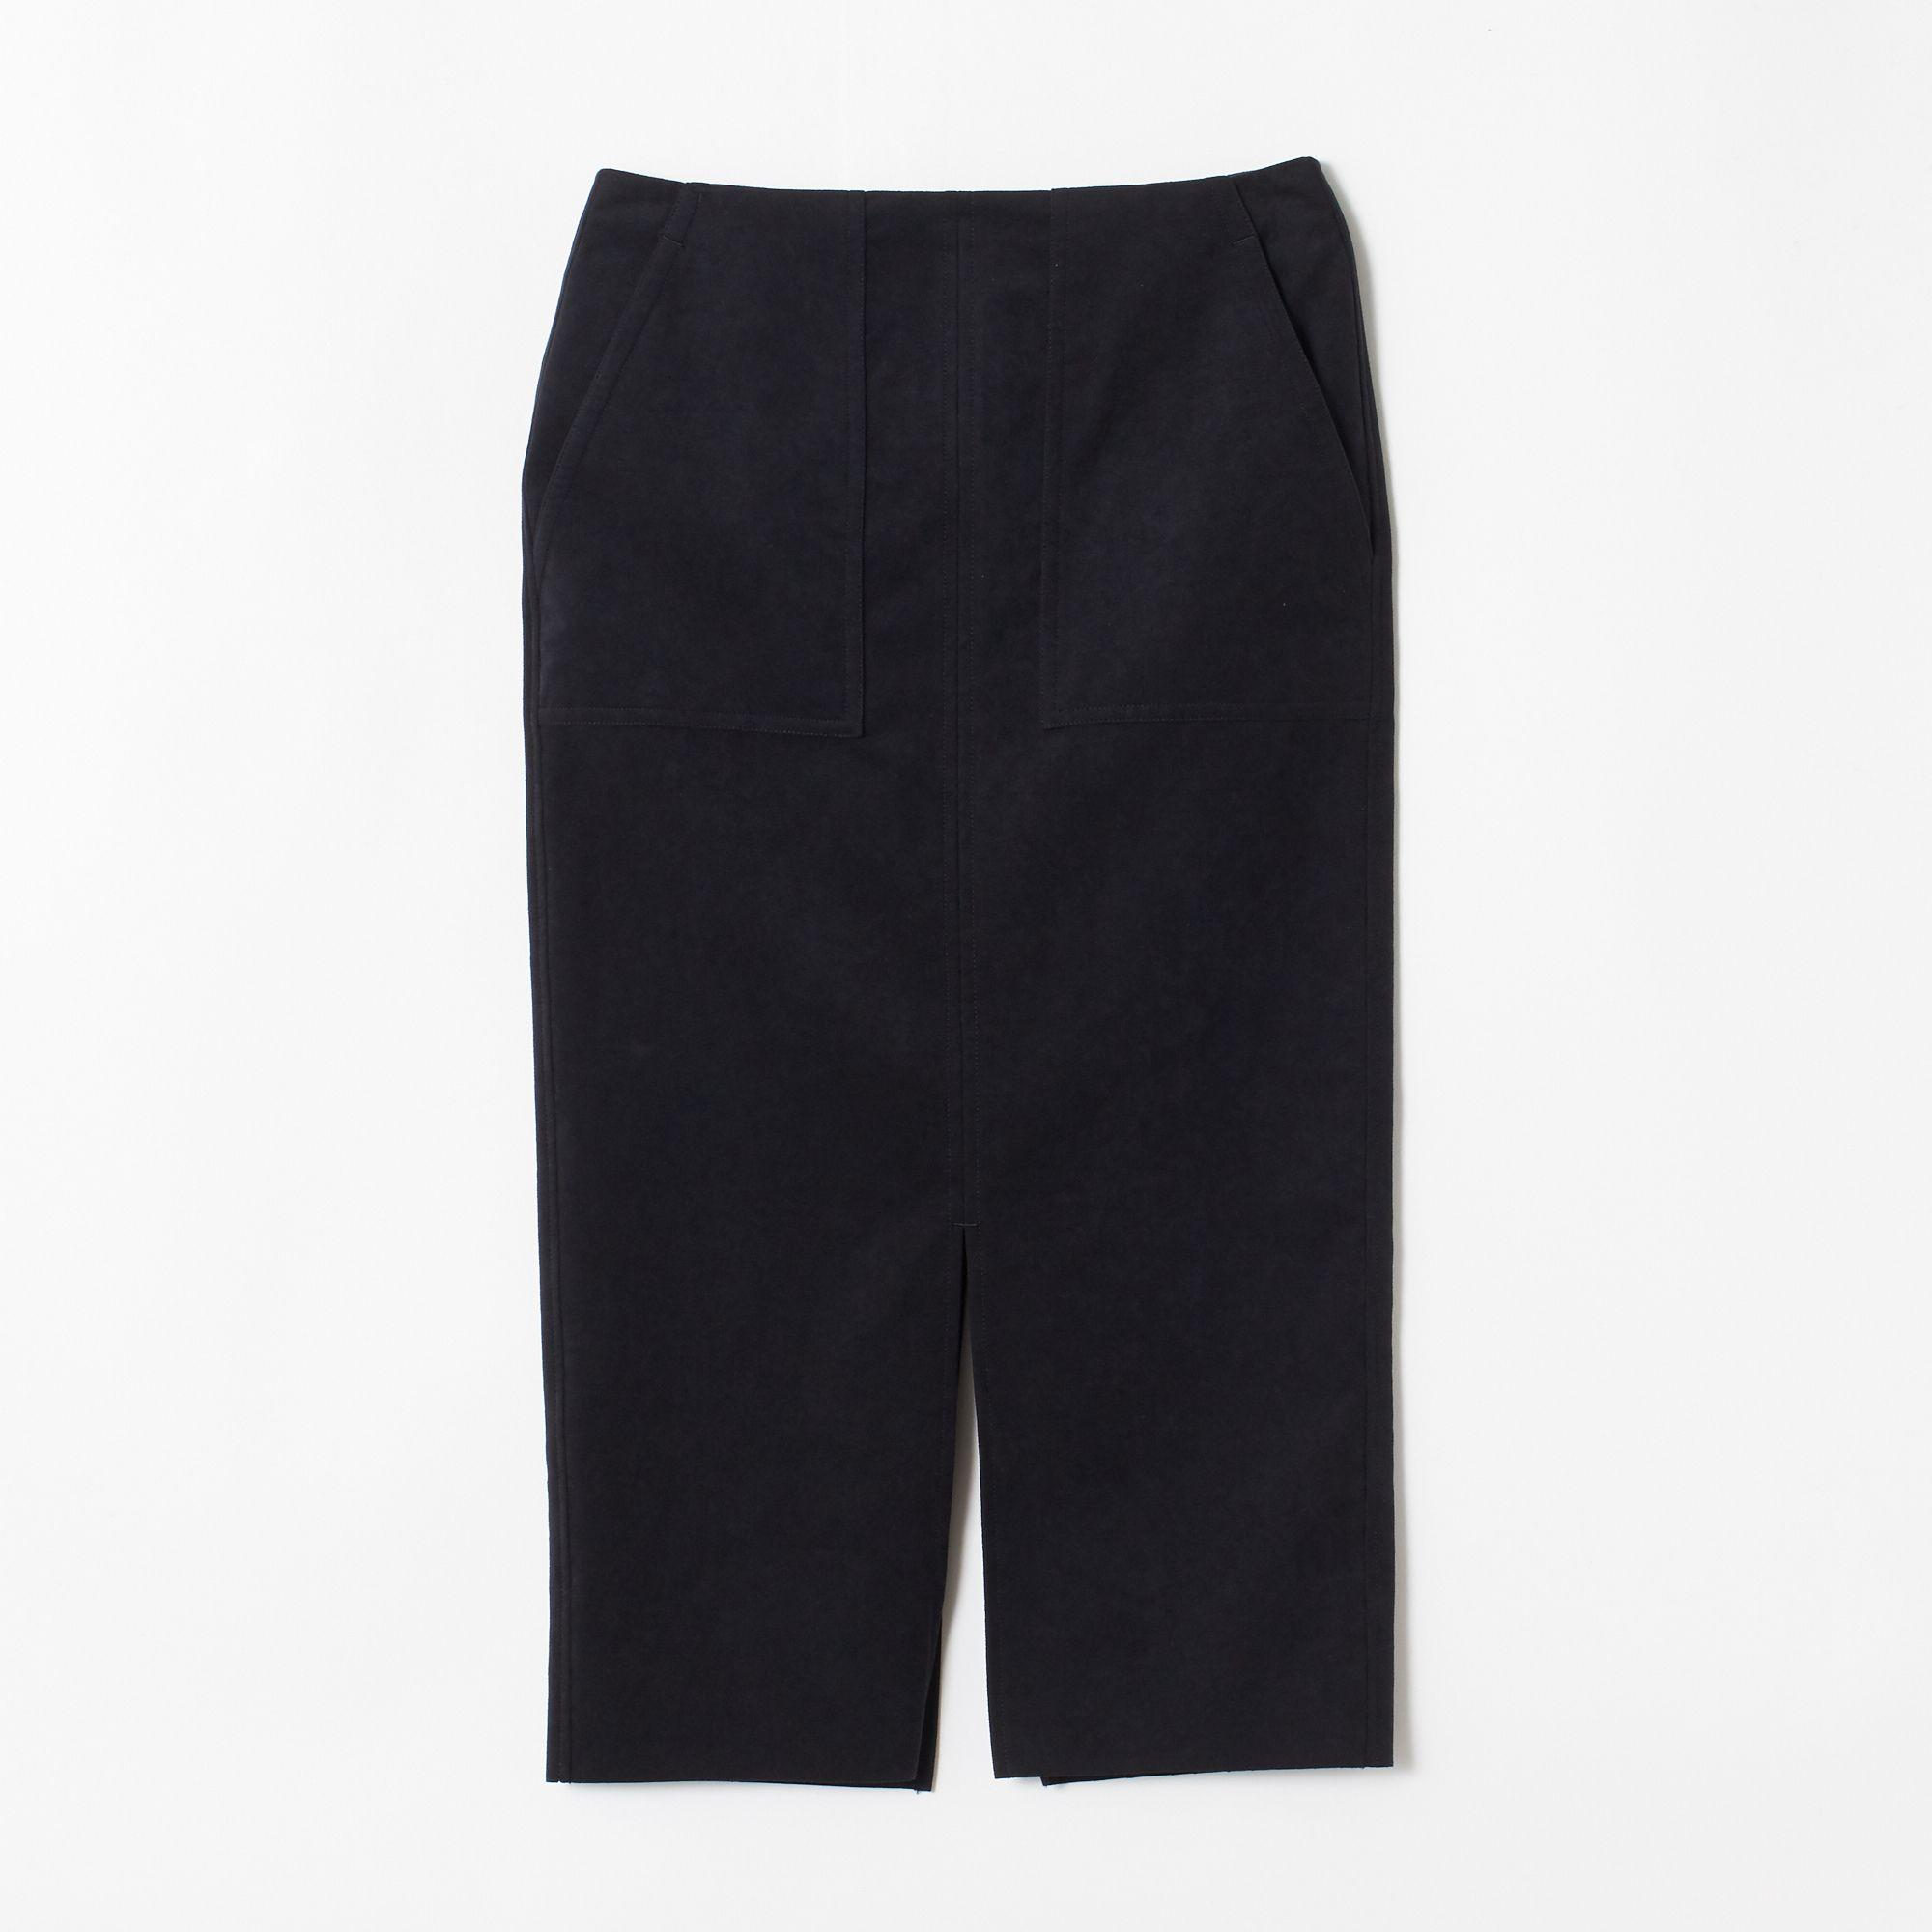 GALLARDAGALANTEガリャルダガランテ/Marisol別注カラーポケットスエードスカート